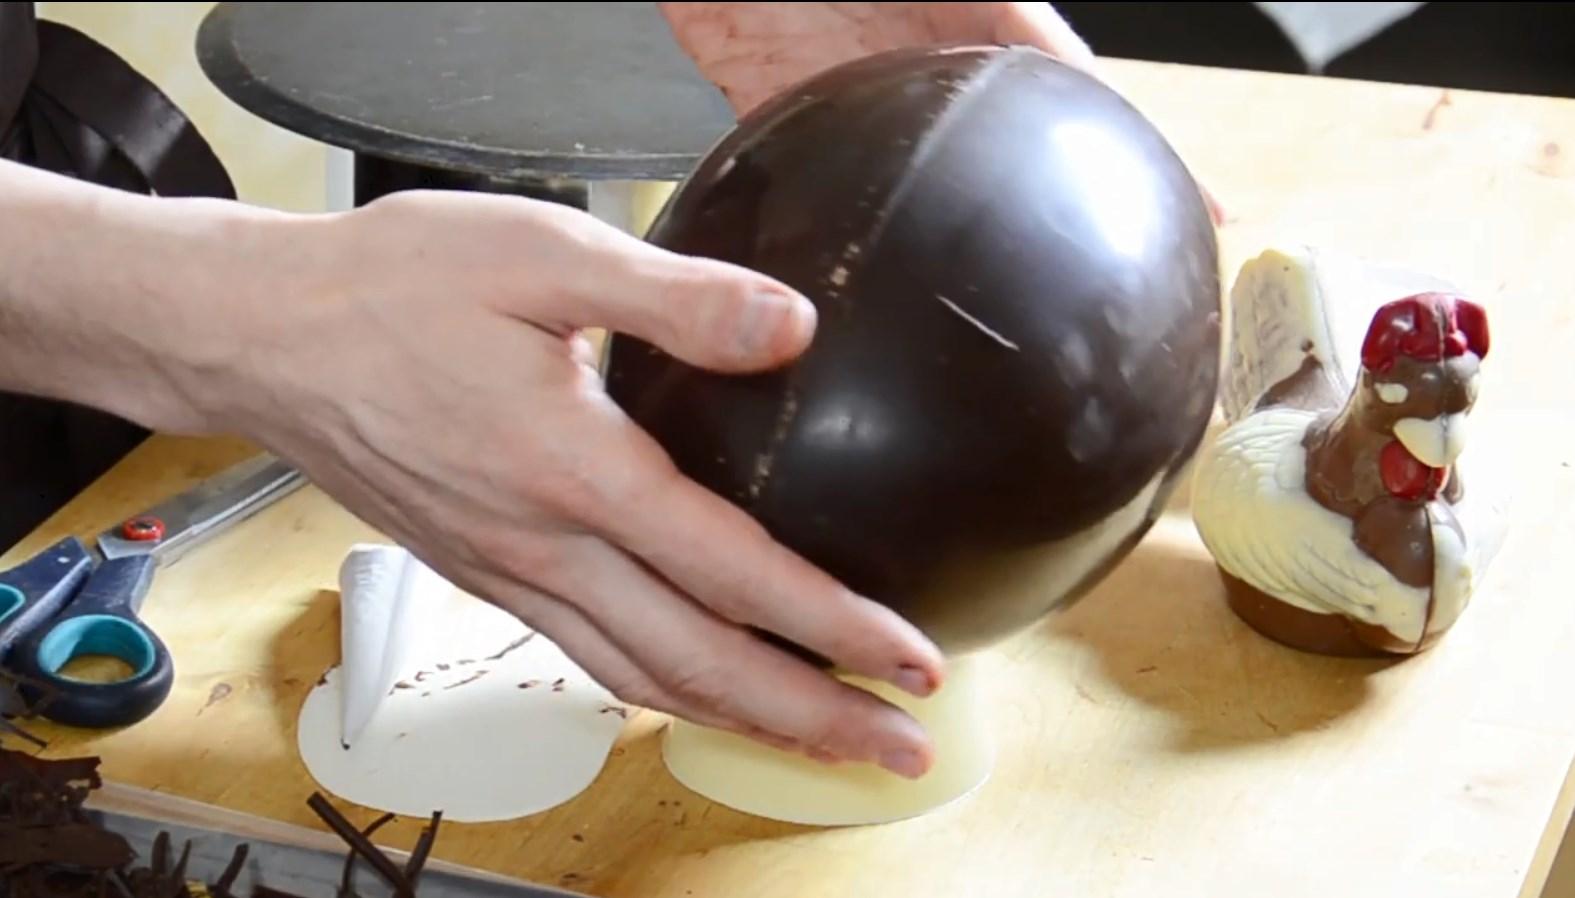 Le montage Complet d'une poule sur un méga œuf©ChocoClic.com